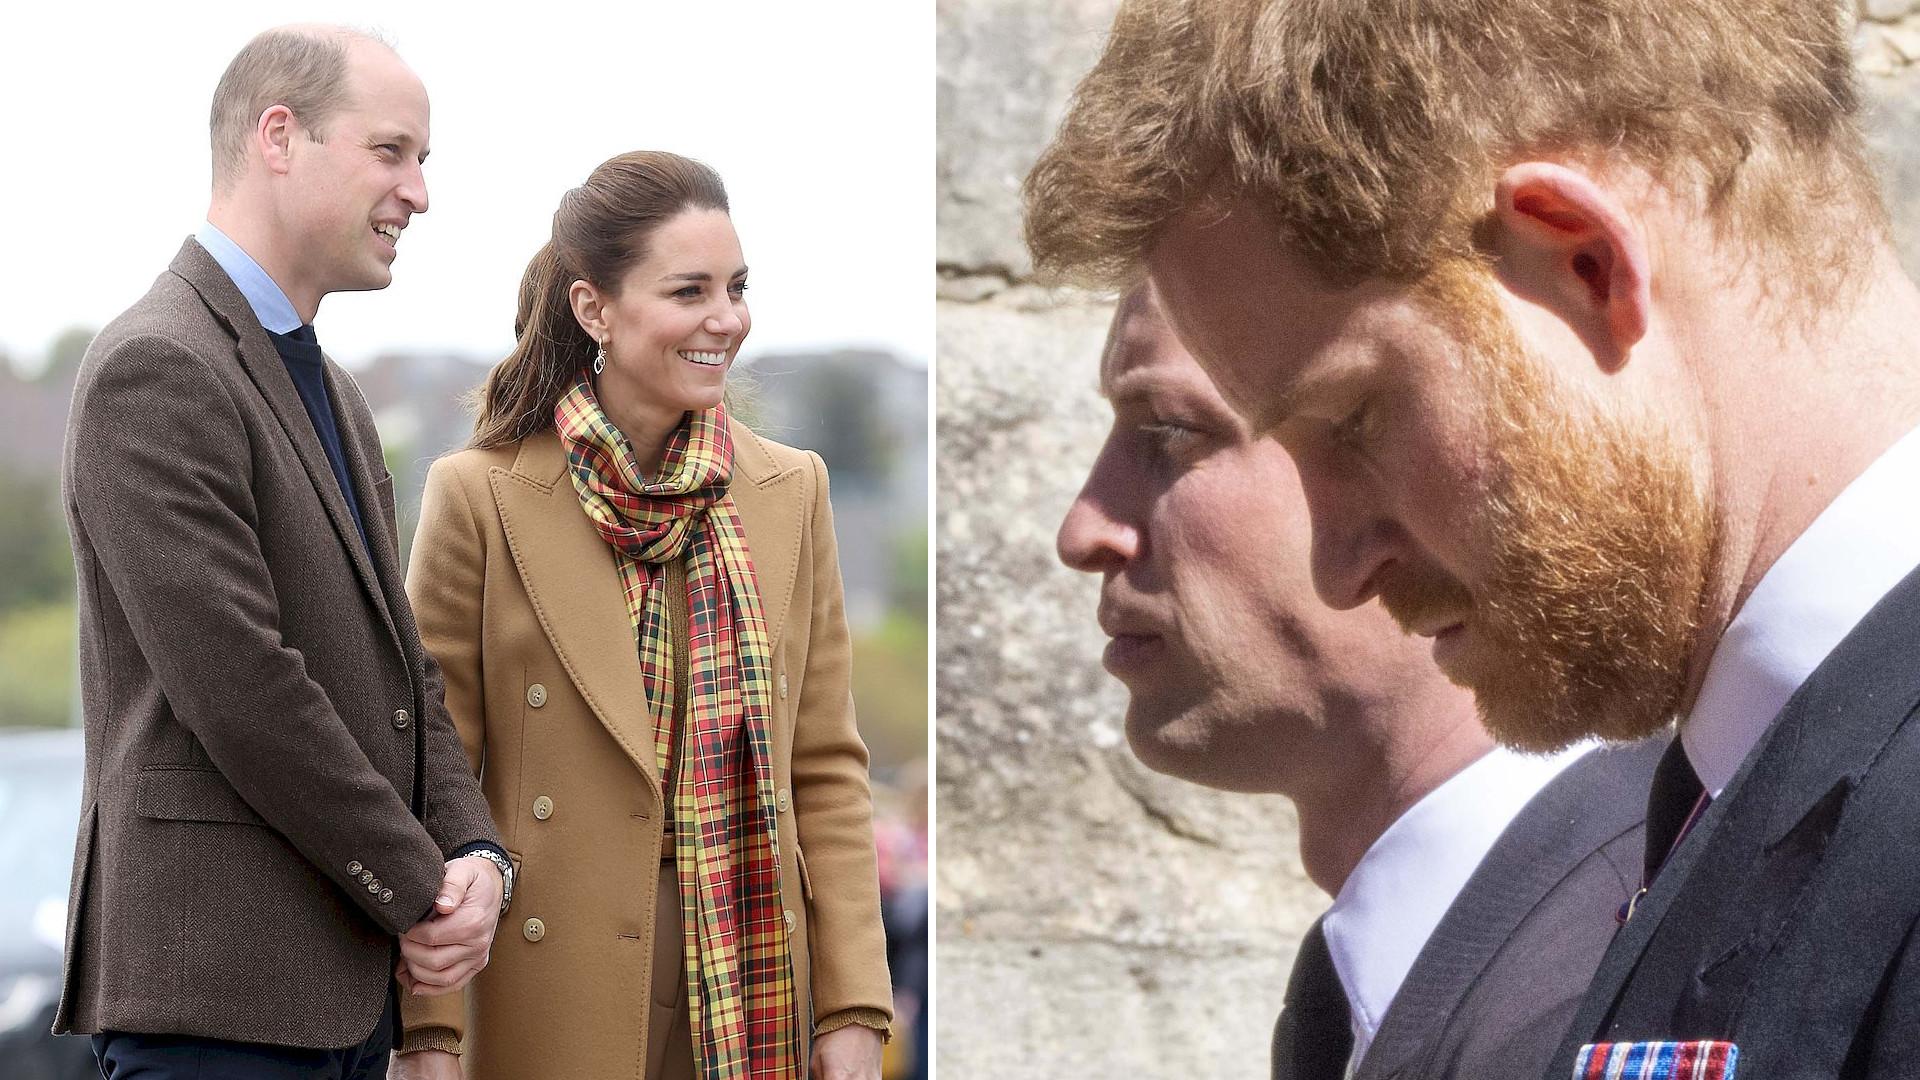 Księżna Kate też NIE pojawi się na odsłonięciu pomnika księżnej Diany?! Powód nietypowy